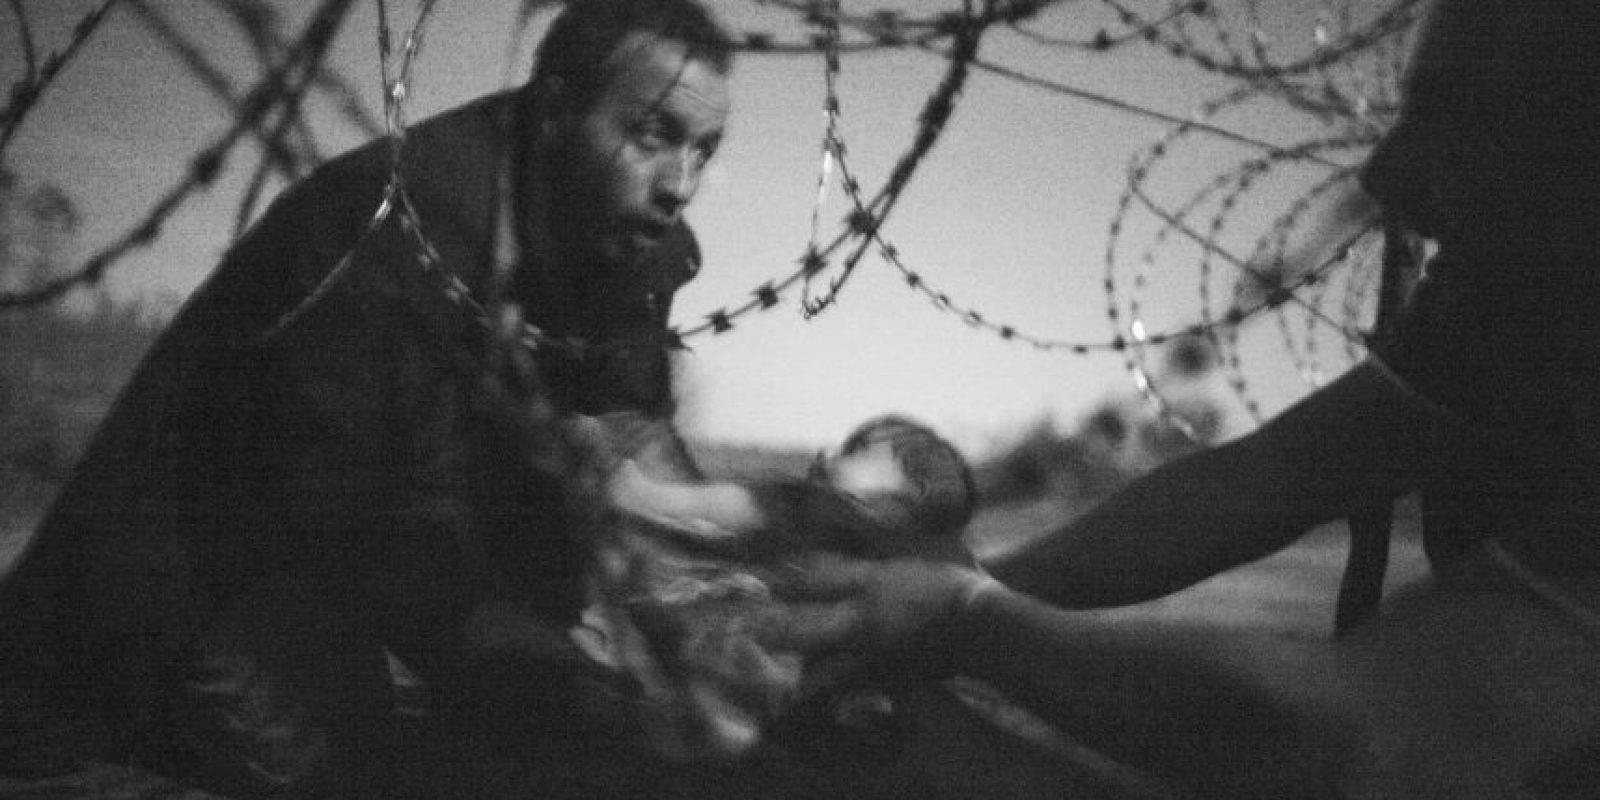 Foto del año. Tomada por Warren Richardson. Muestra a un hombre pasando a un bebé por una valla en construcción entre Serbia y Hungría Foto:worldpressphoto.org